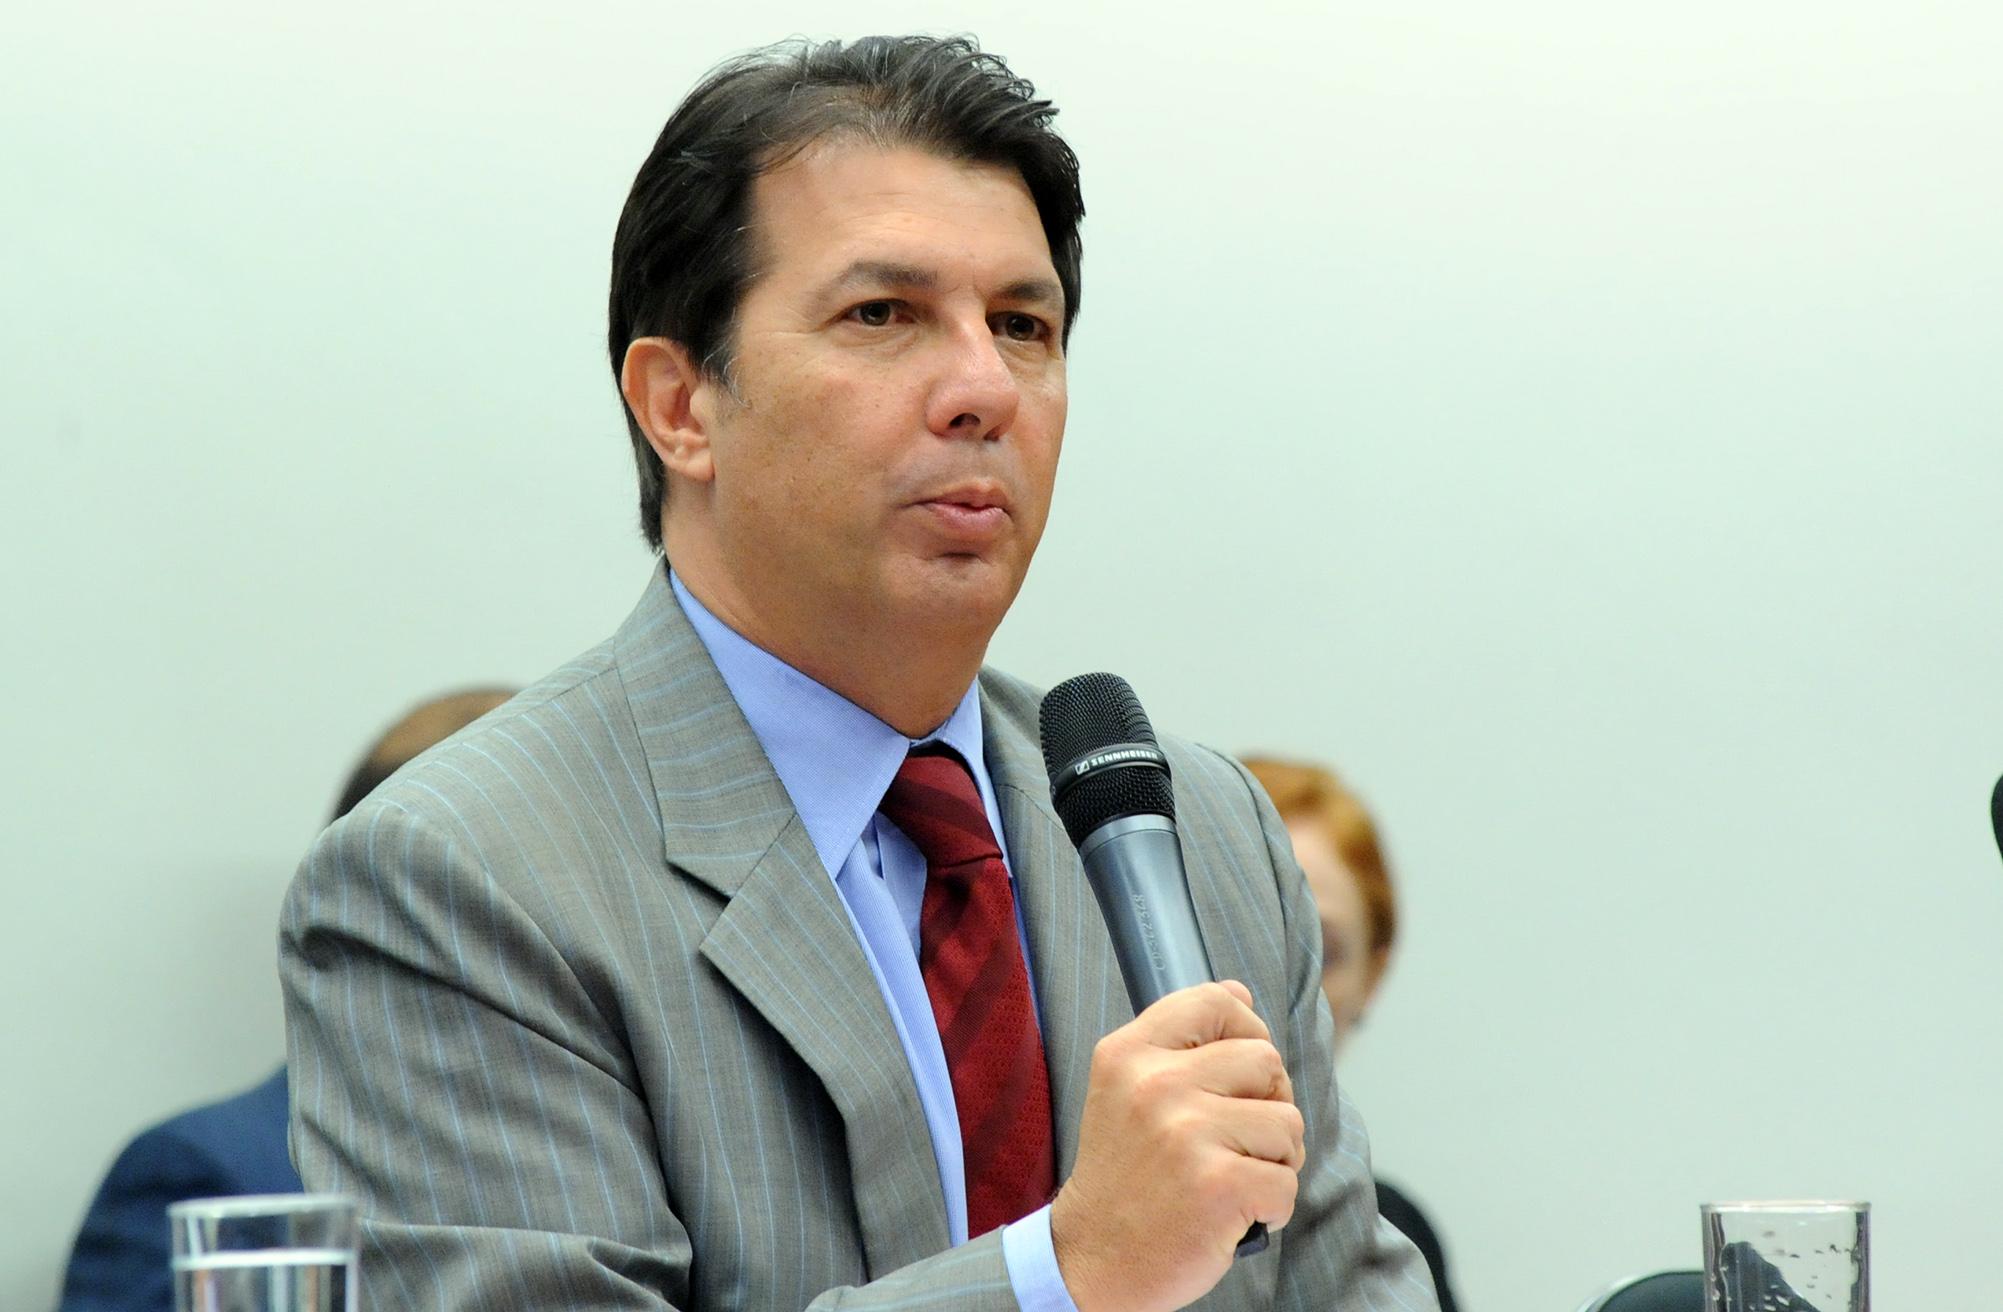 Reunião ordinária com o ministro da Fazenda, Henrique Meirelles. Dep. Arthur Oliveira Maia (PPS-BA)